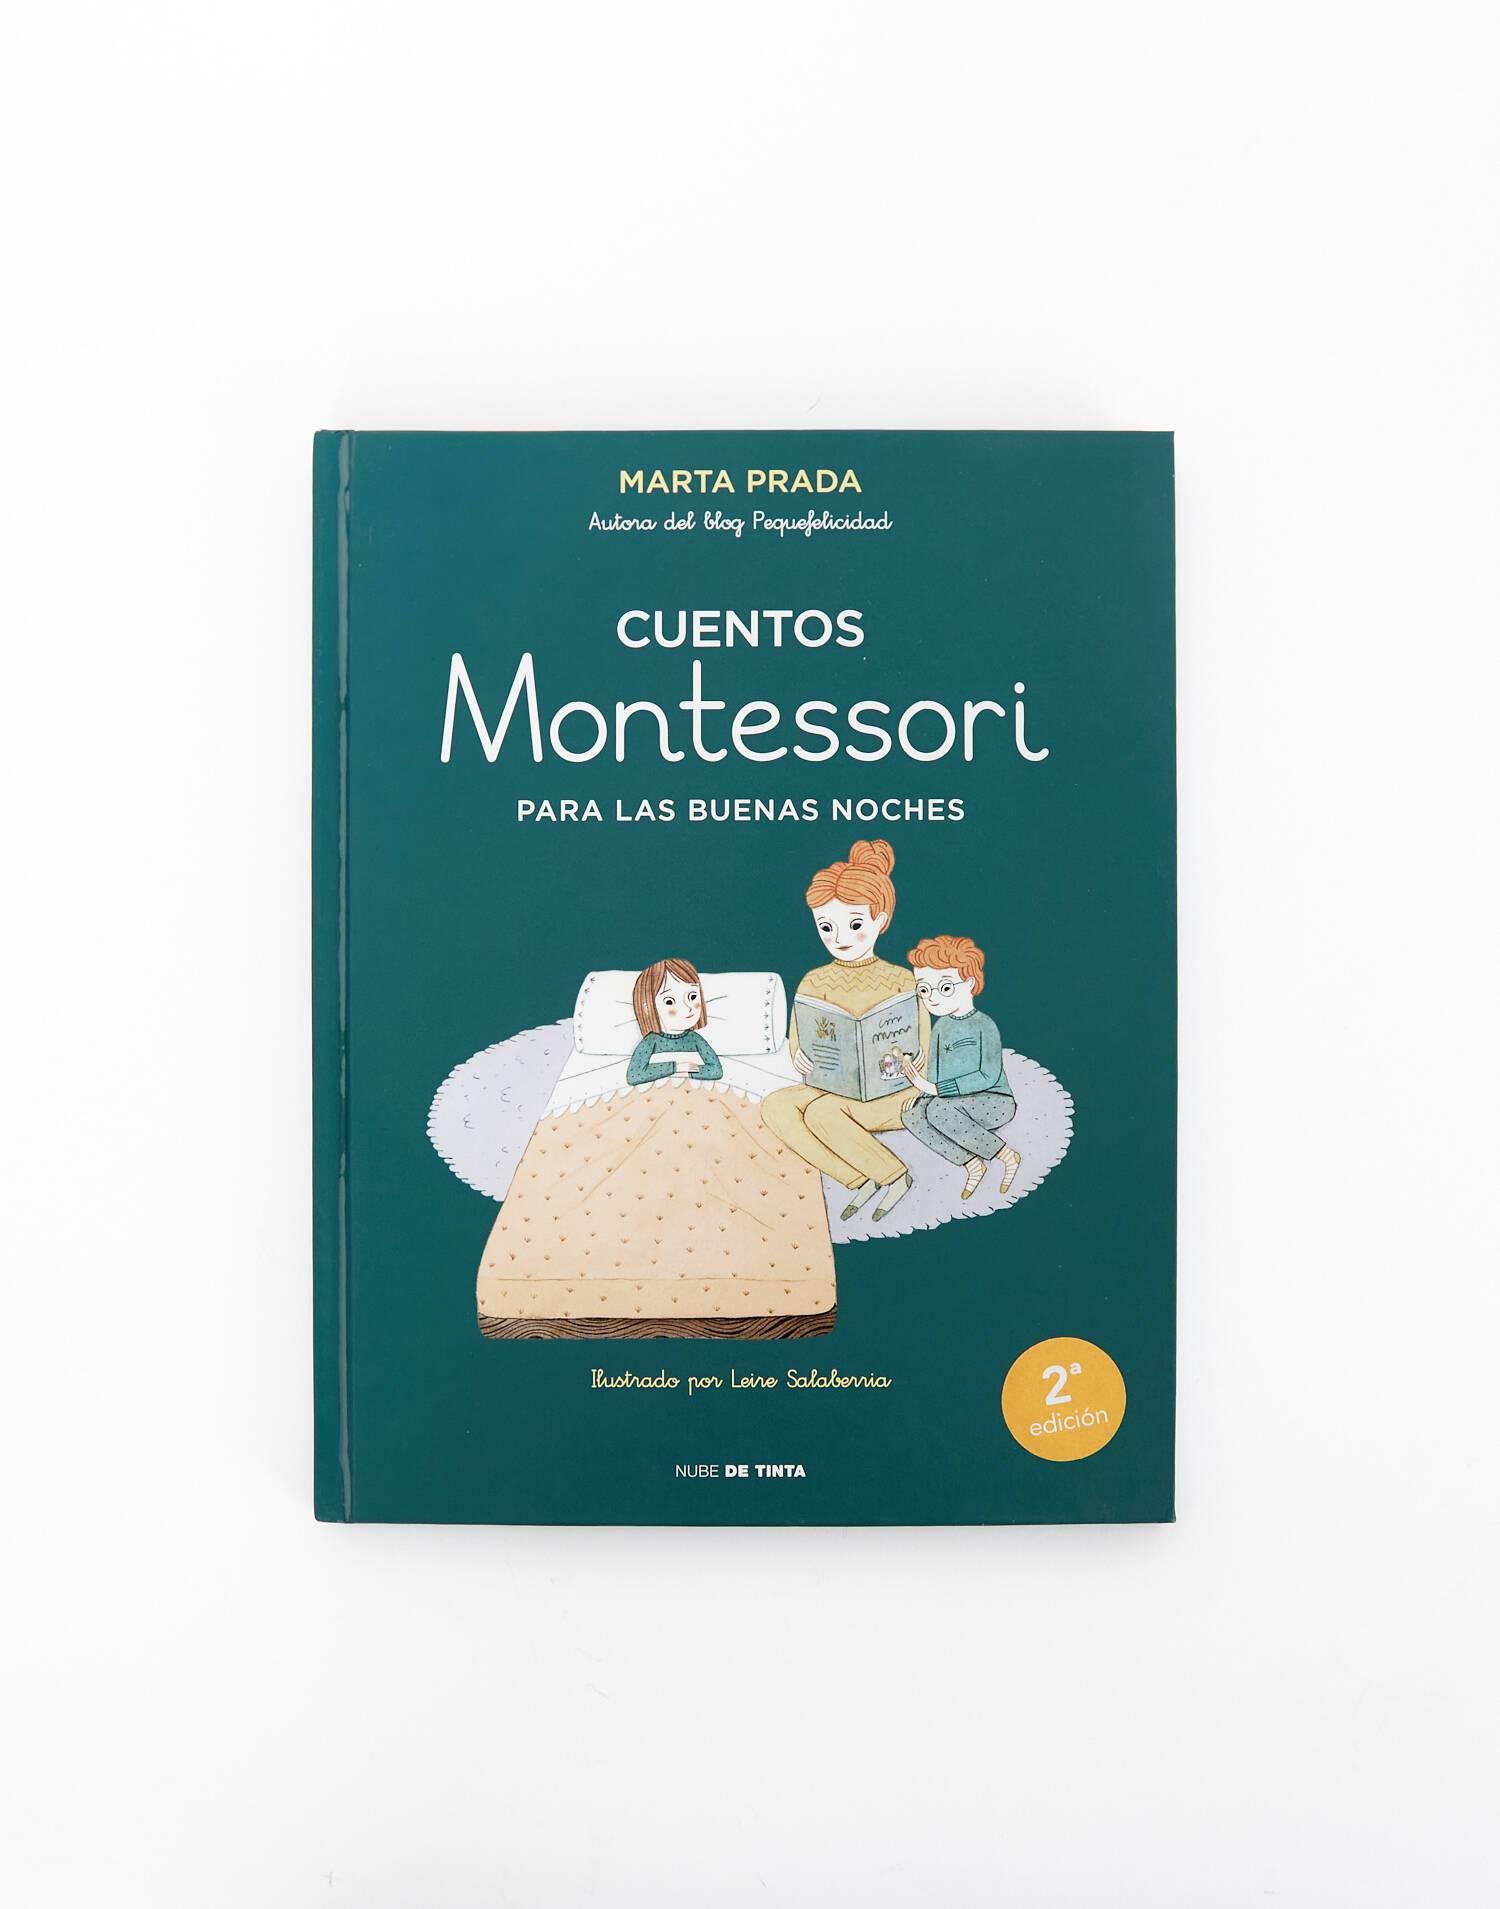 Cuentos montessori buenas noches (spanish only)